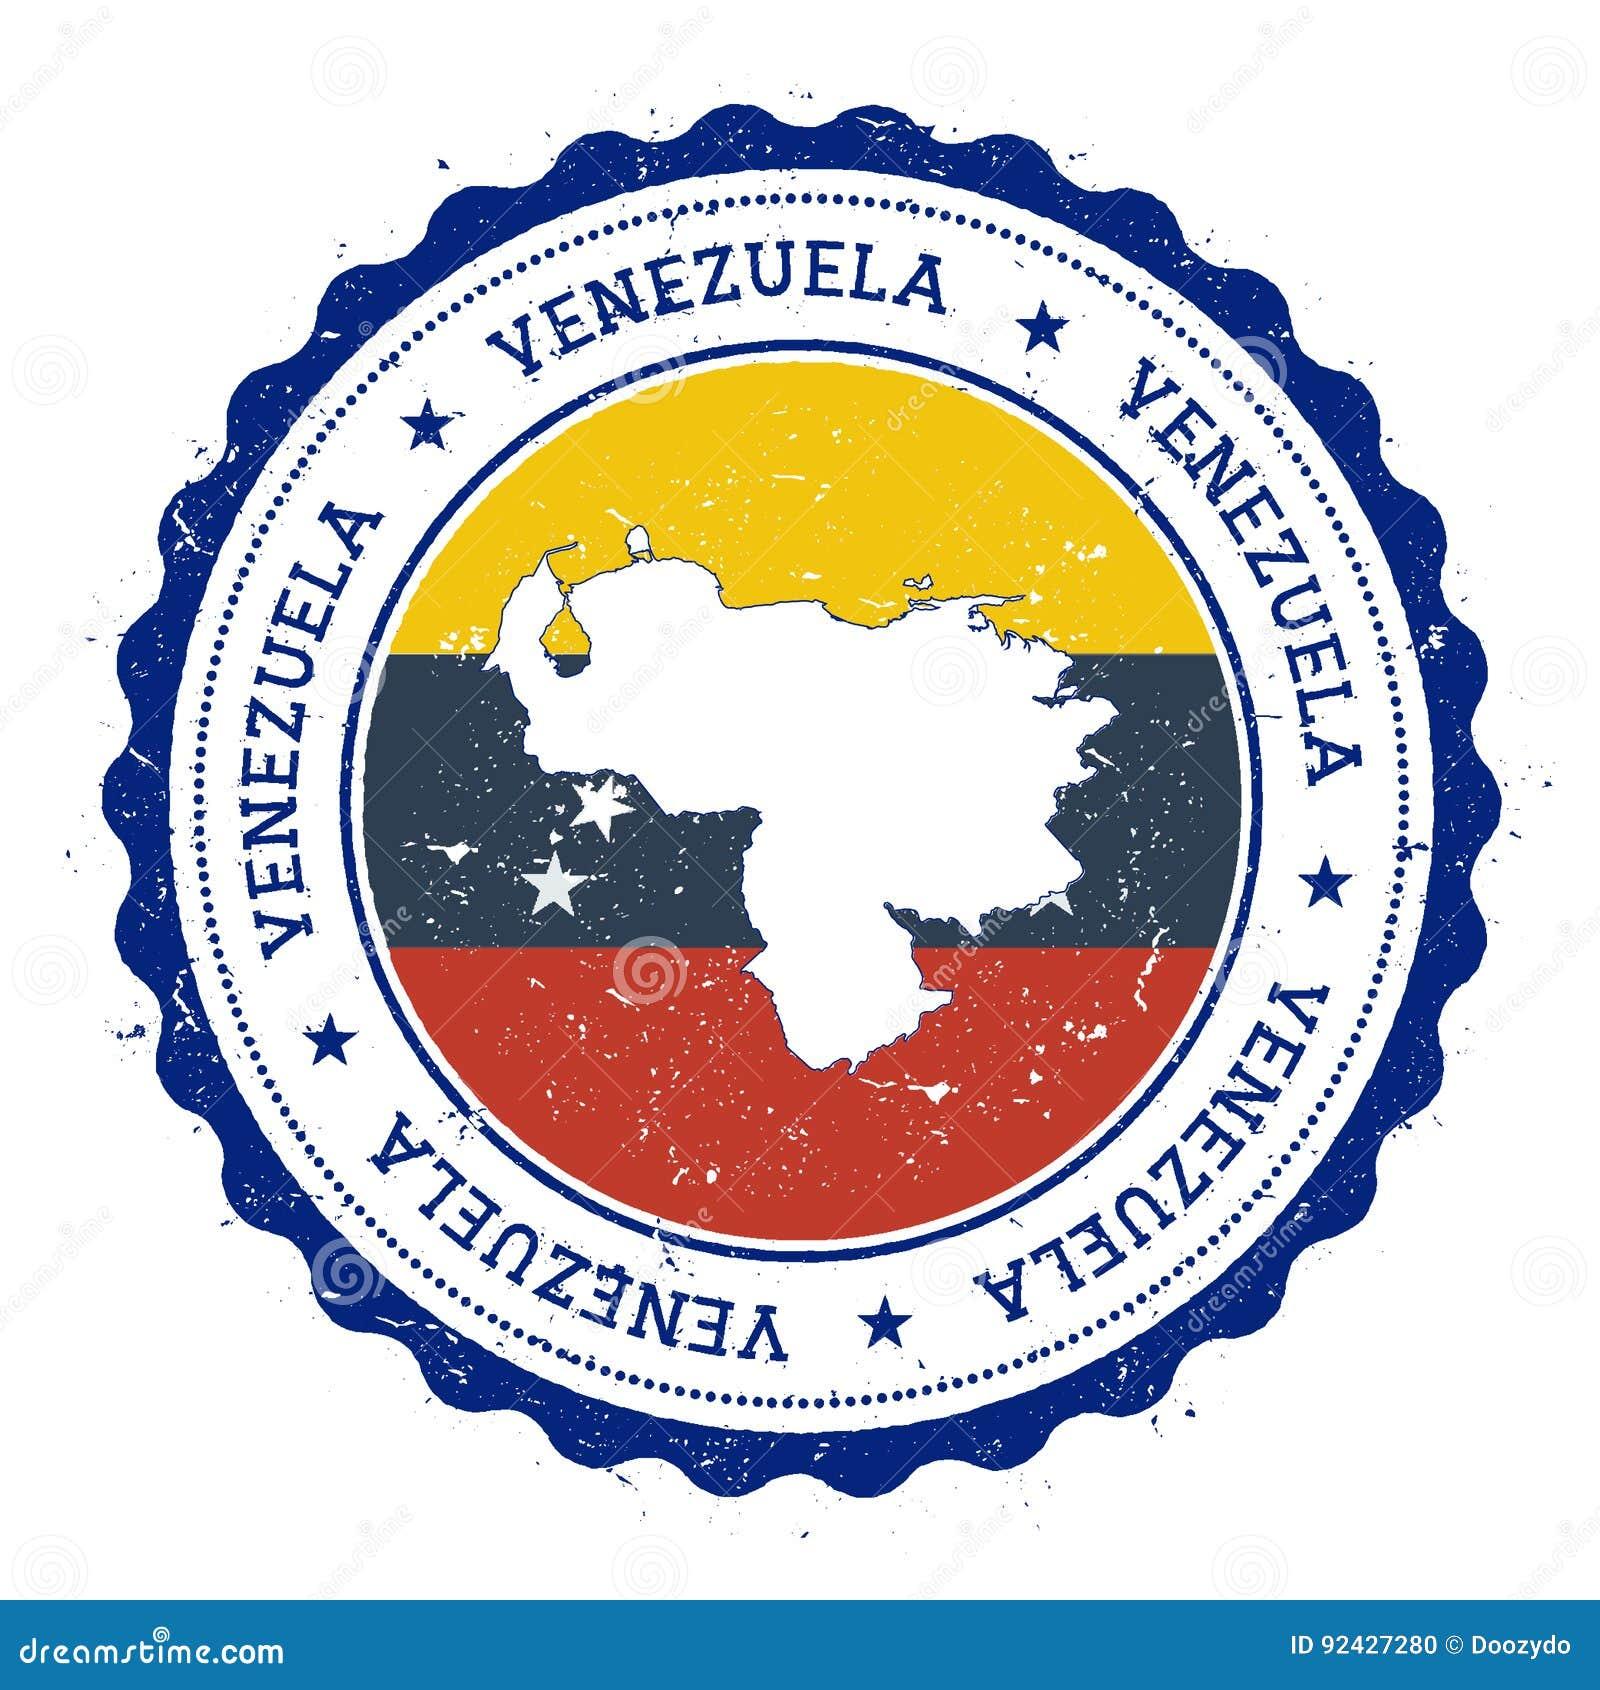 Βενεζουέλα, Δημοκρατία Bolivarian του χάρτη και της σημαίας μέσα